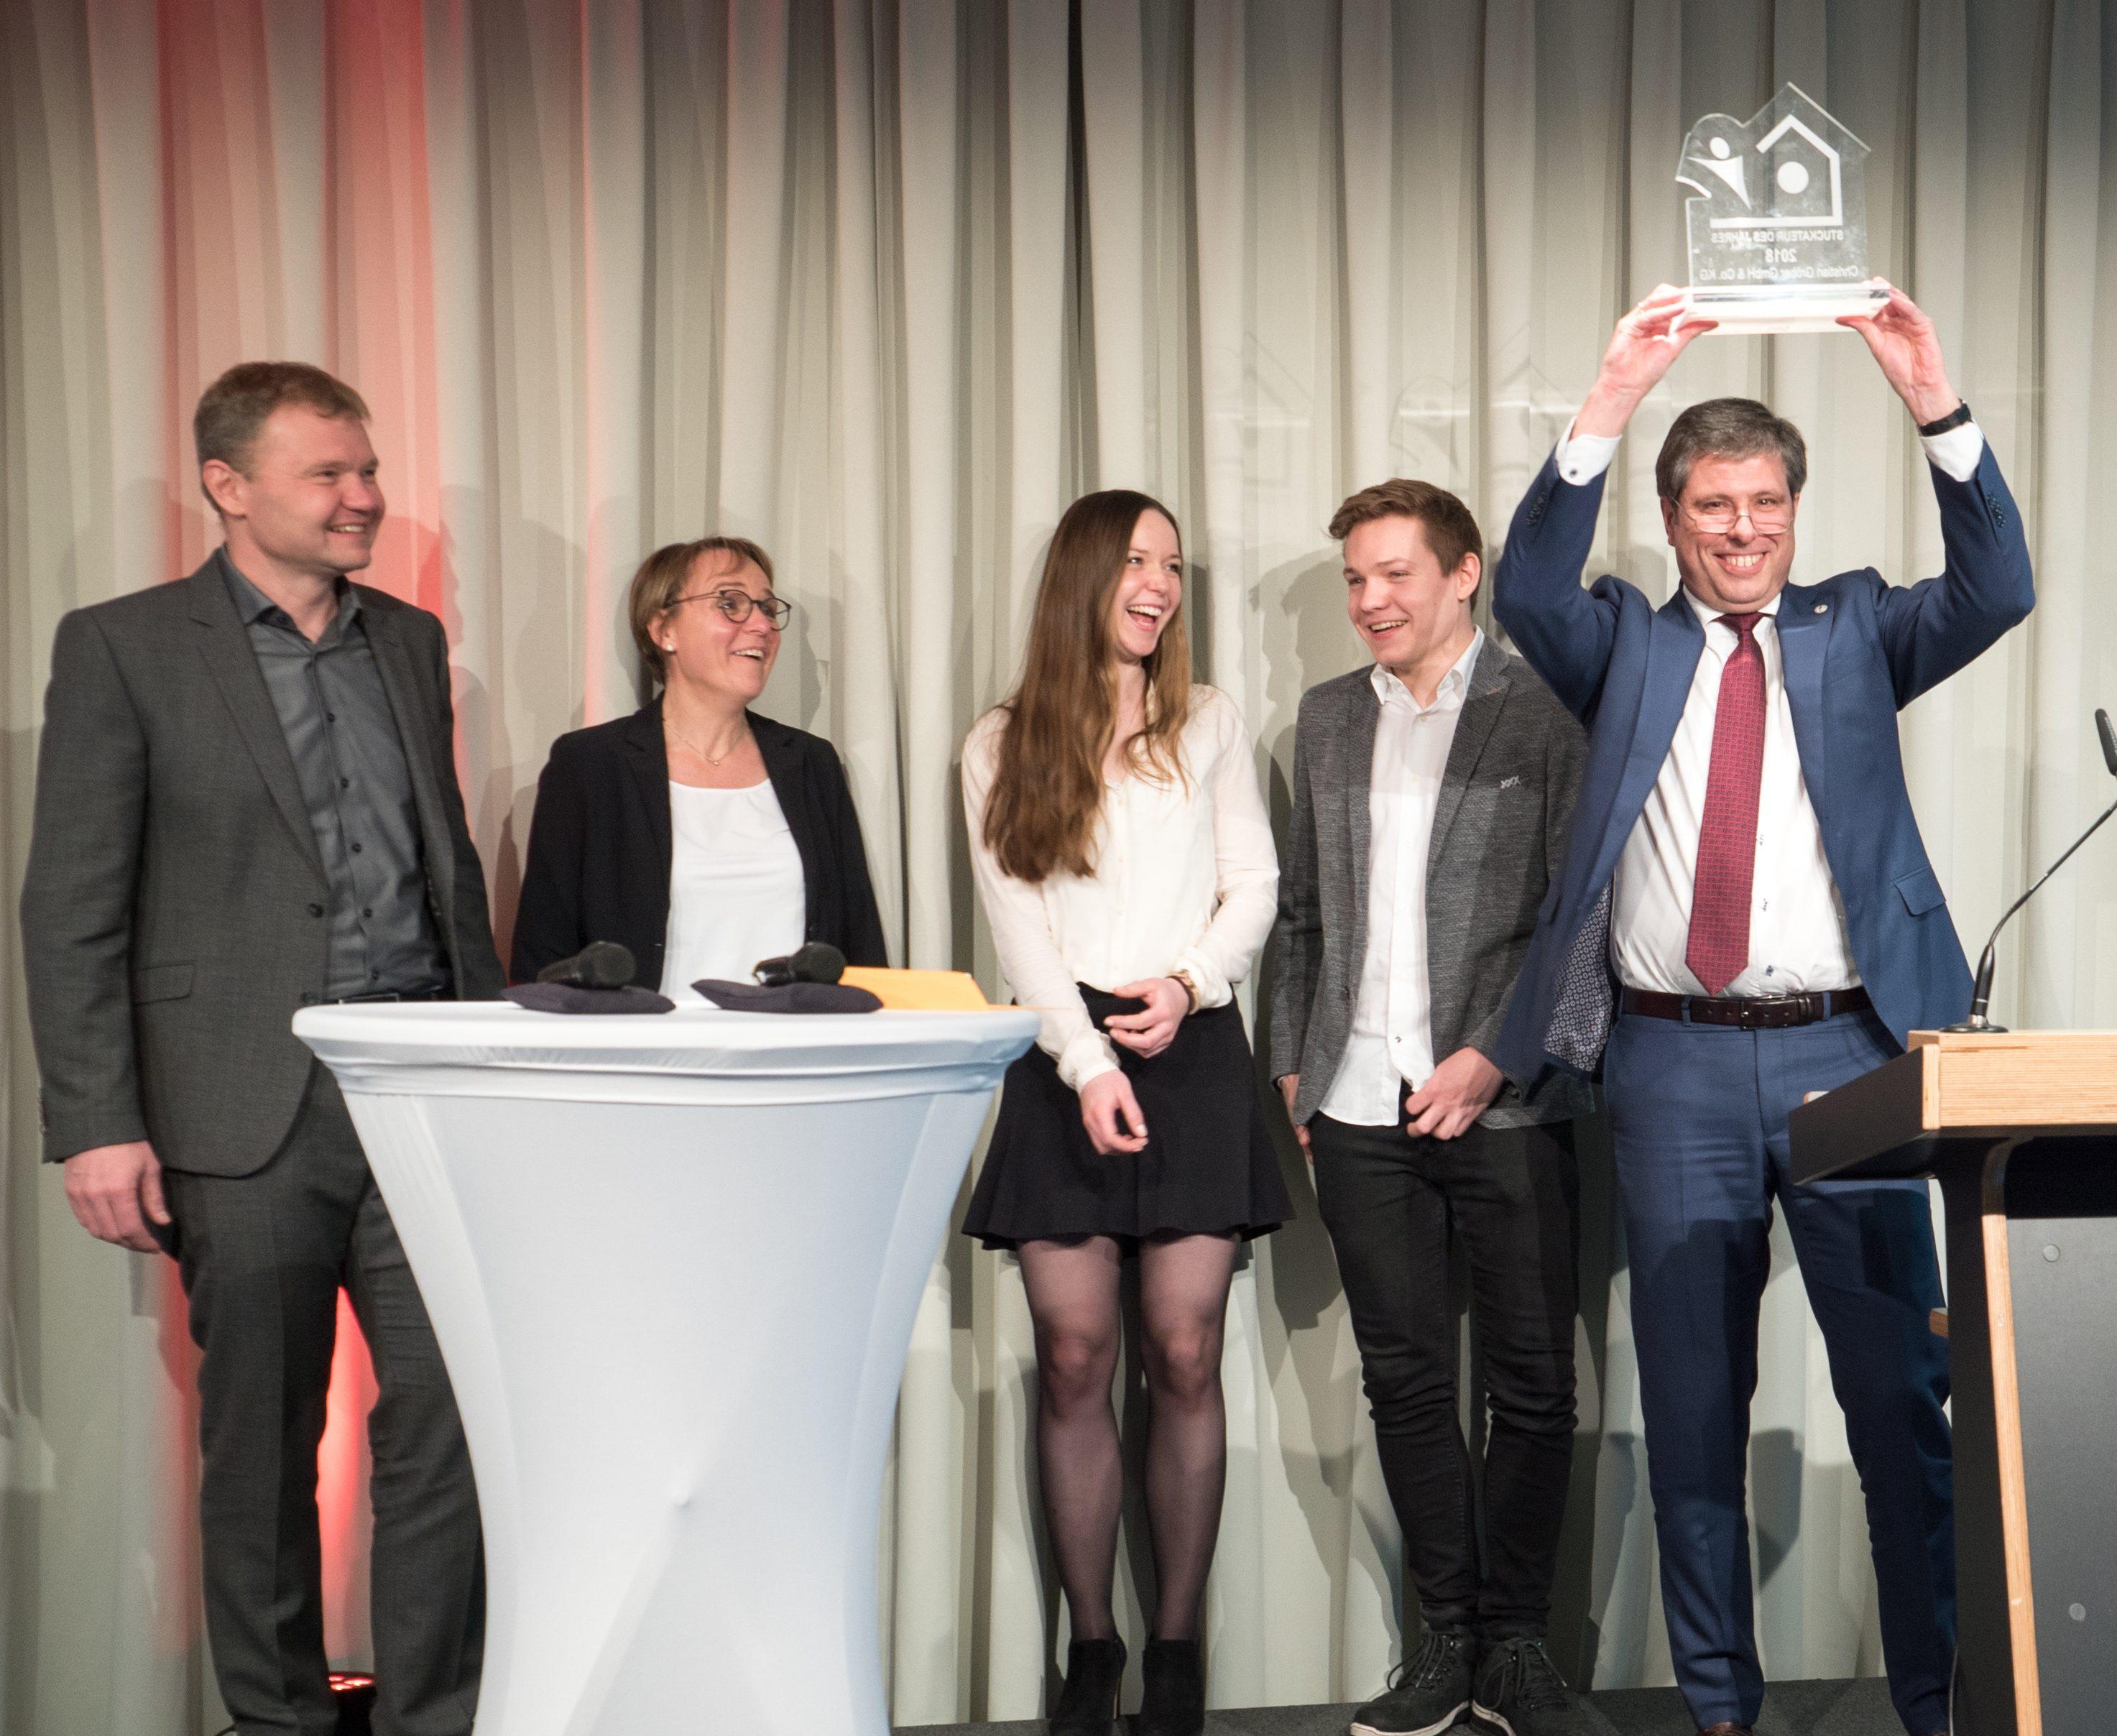 Stuckateur des Jahres 2018 - Vorstellung der Preisträger